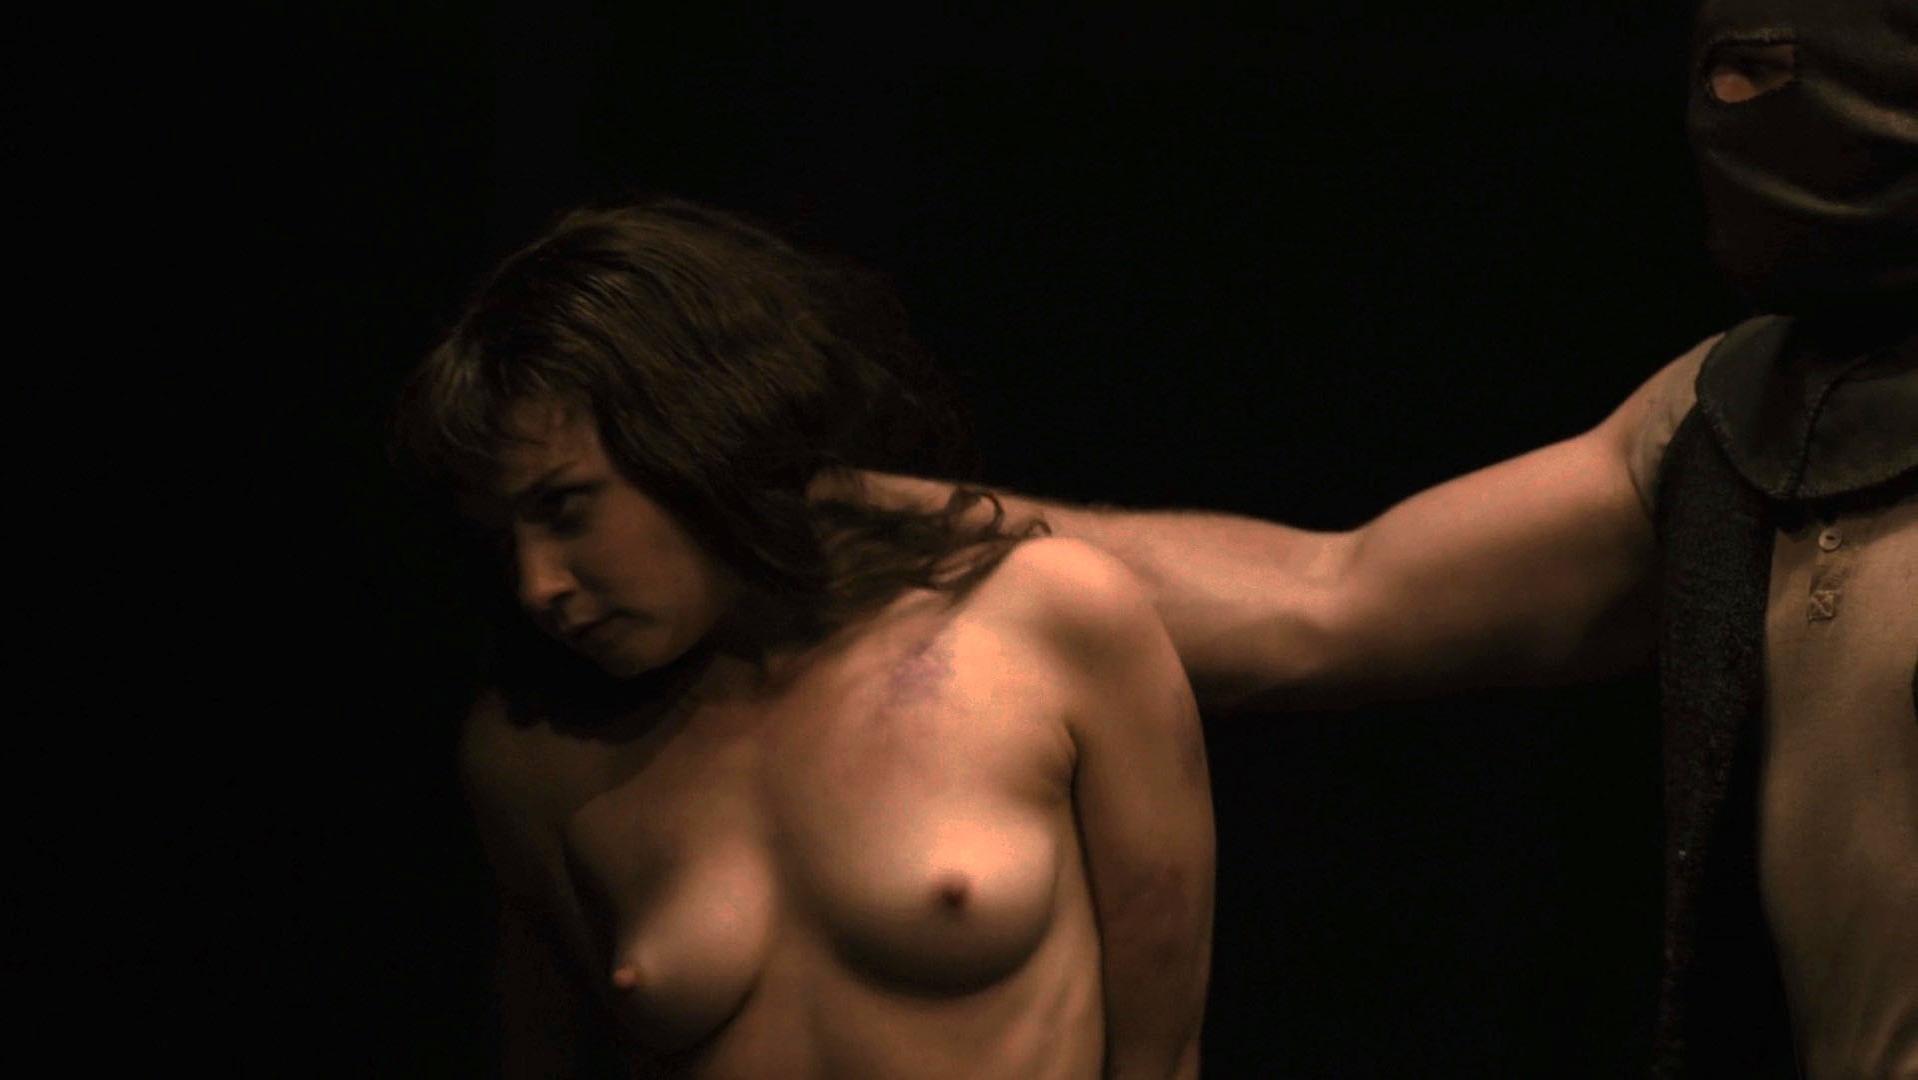 Ann van elsen nude